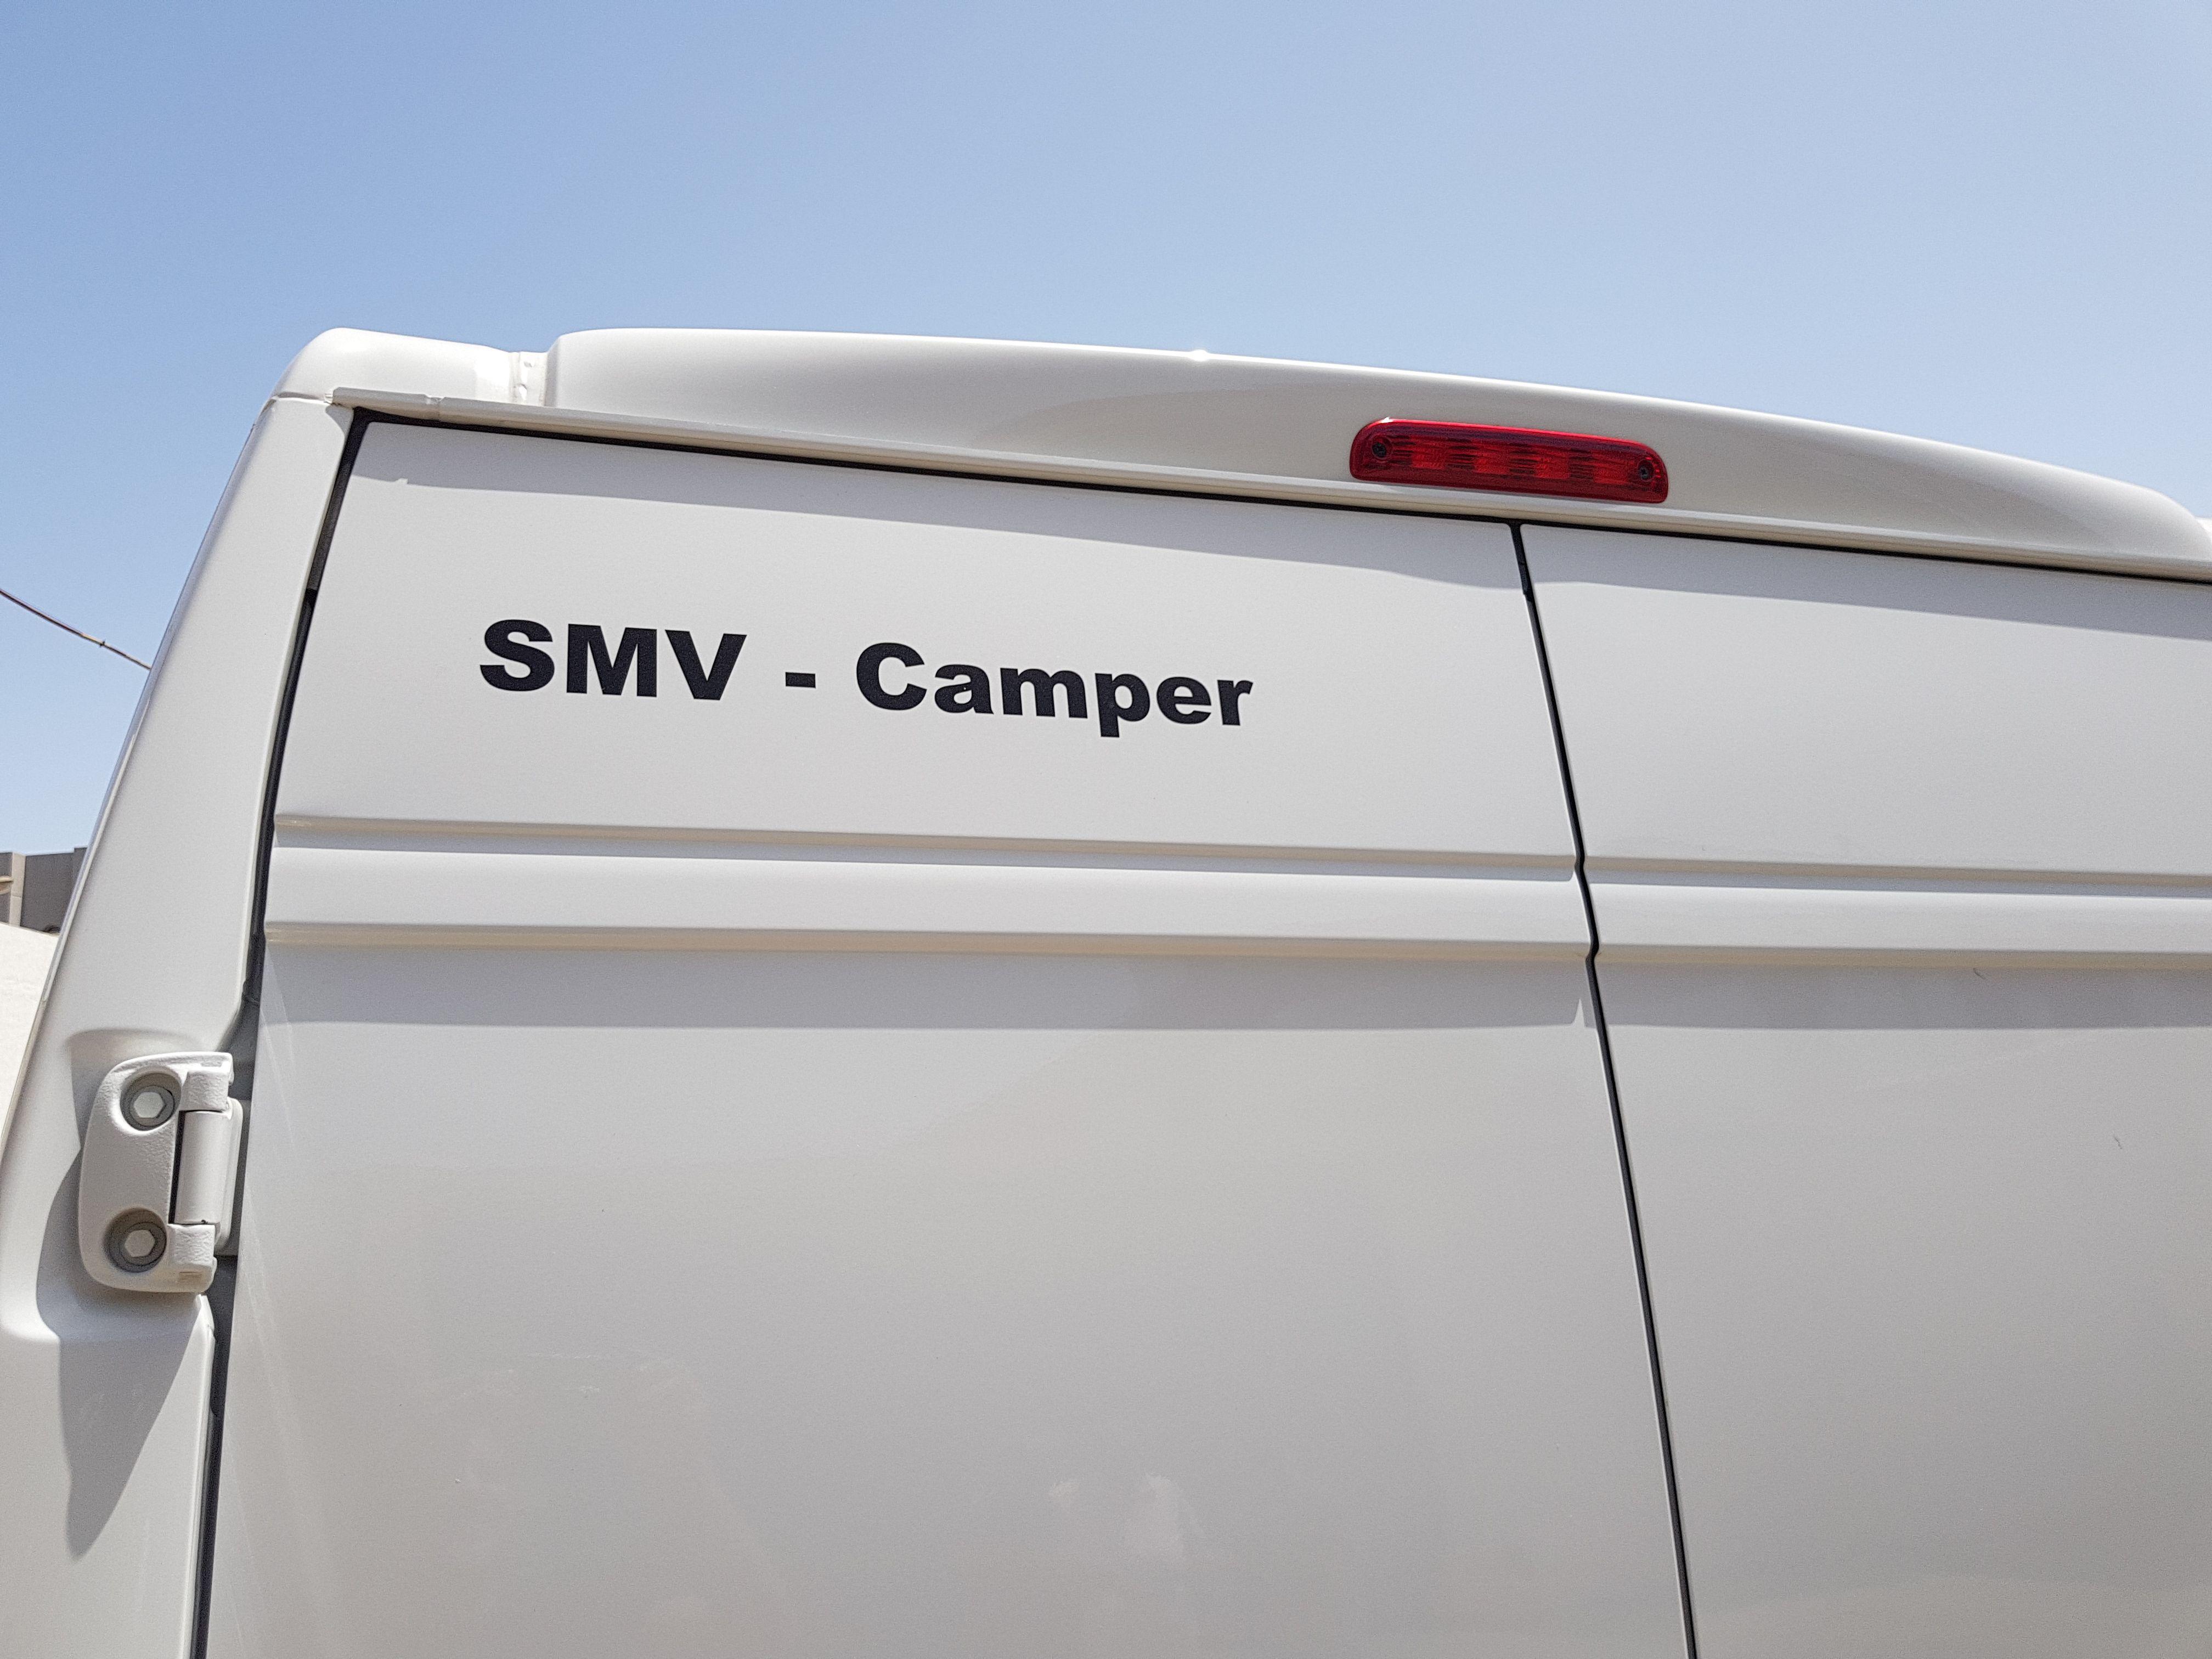 Foto 6 de Taller de furgonetas camperizadas y caravanas en Vecindario | SMV Camper